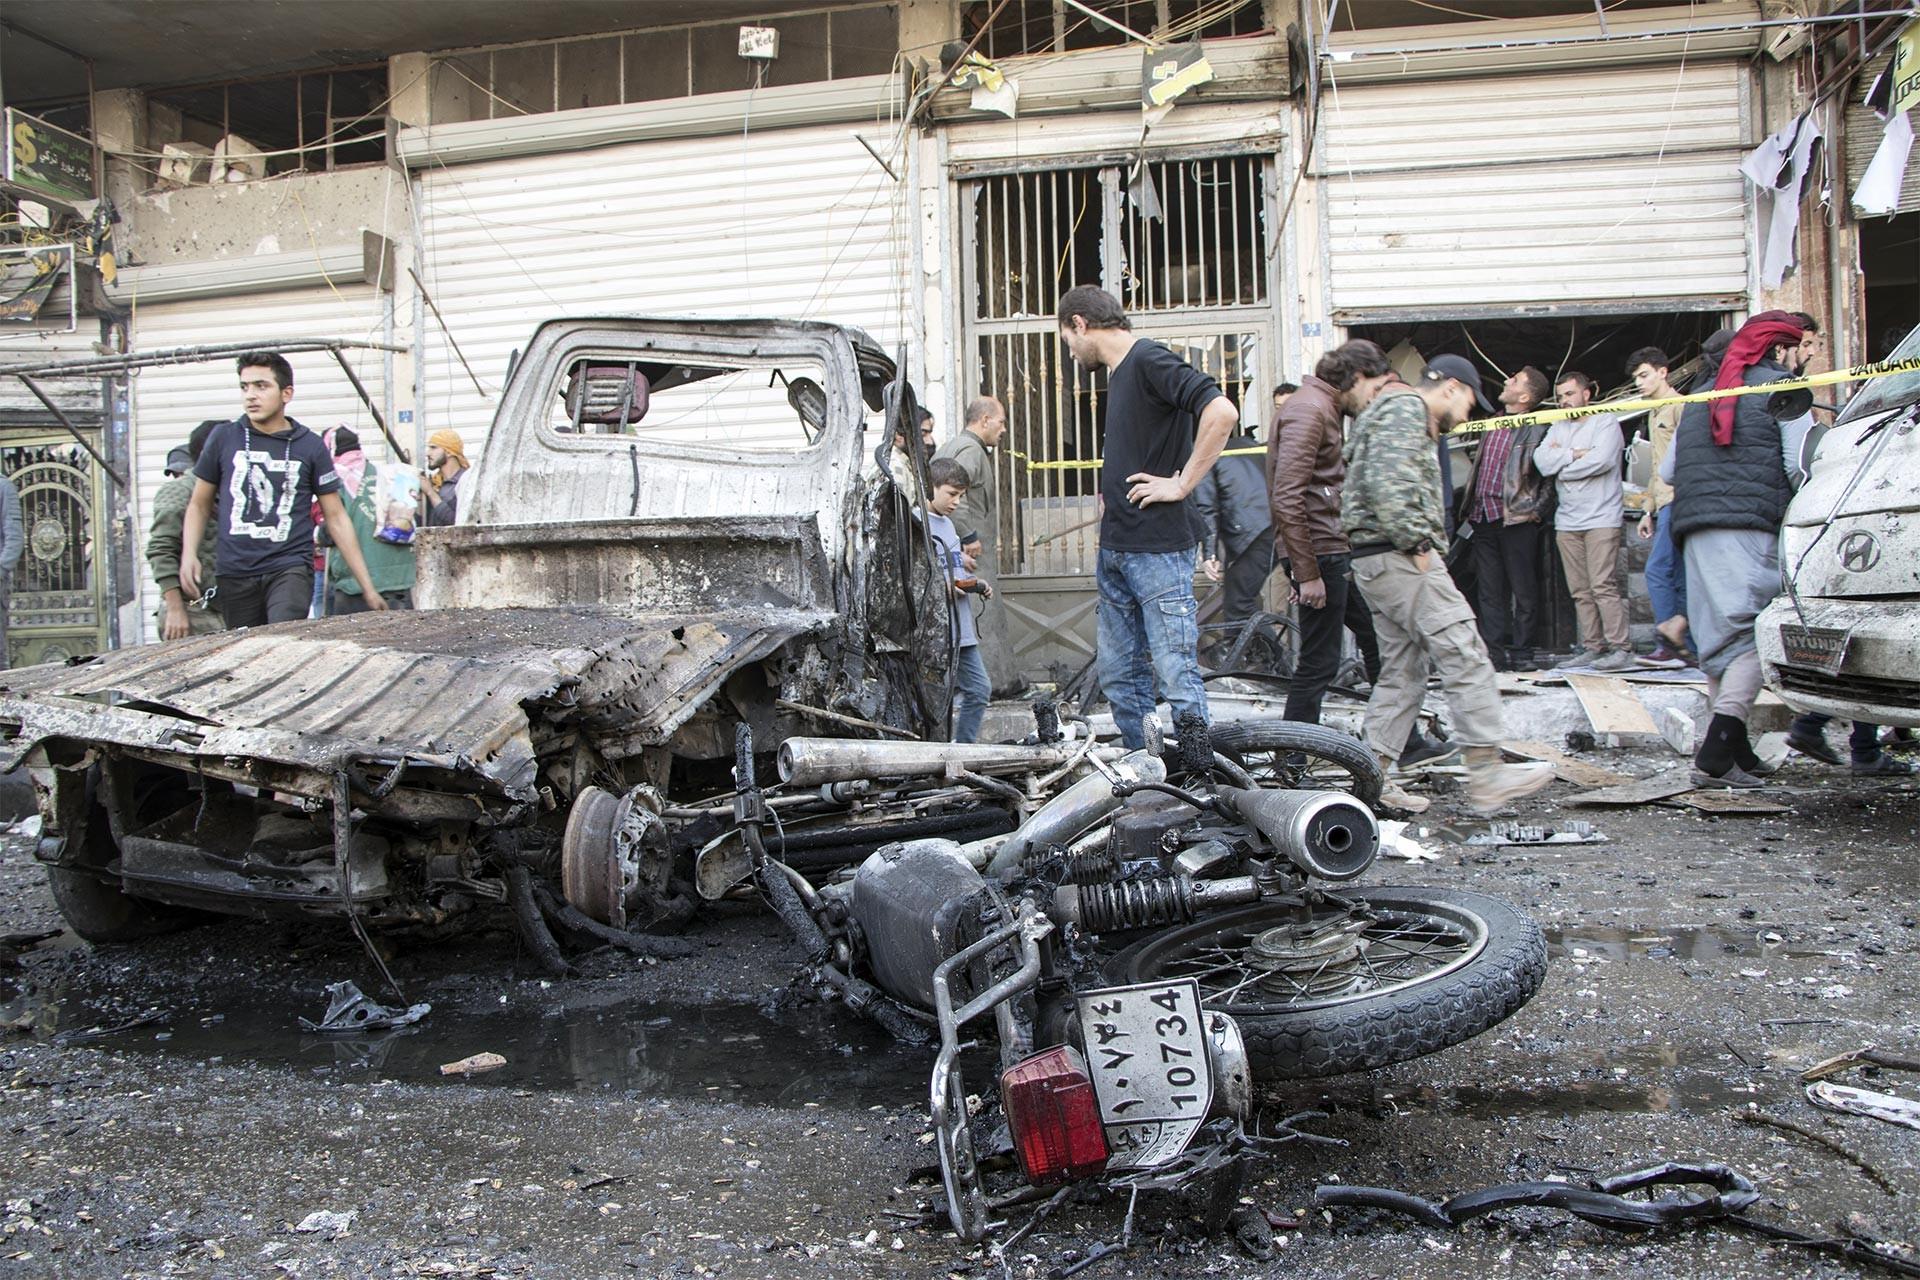 Bab'da yaşanan bombalı saldırı sonrası olay yeri